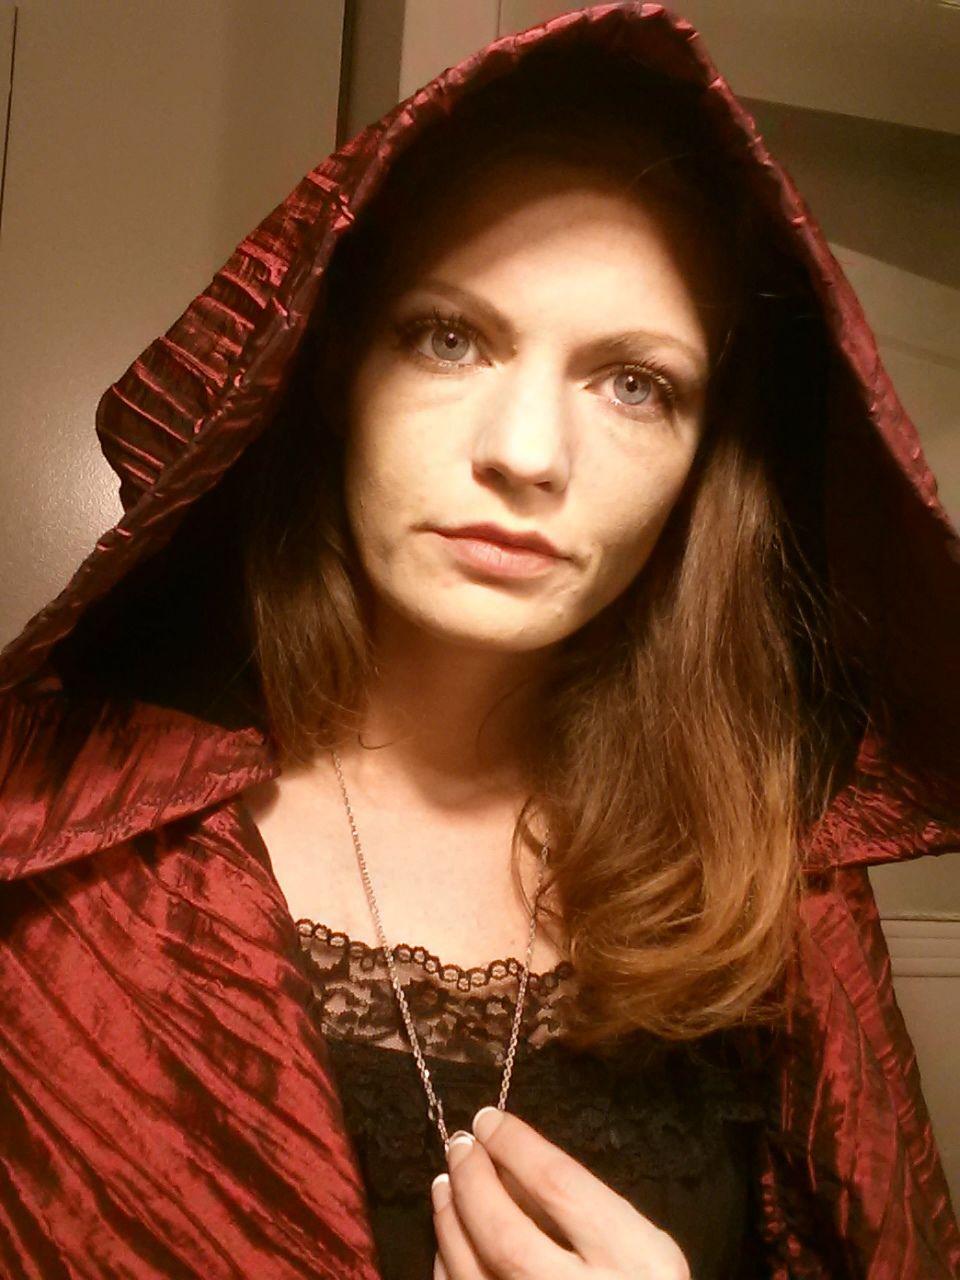 Buy Lydia Deetz Red Wedding Dress